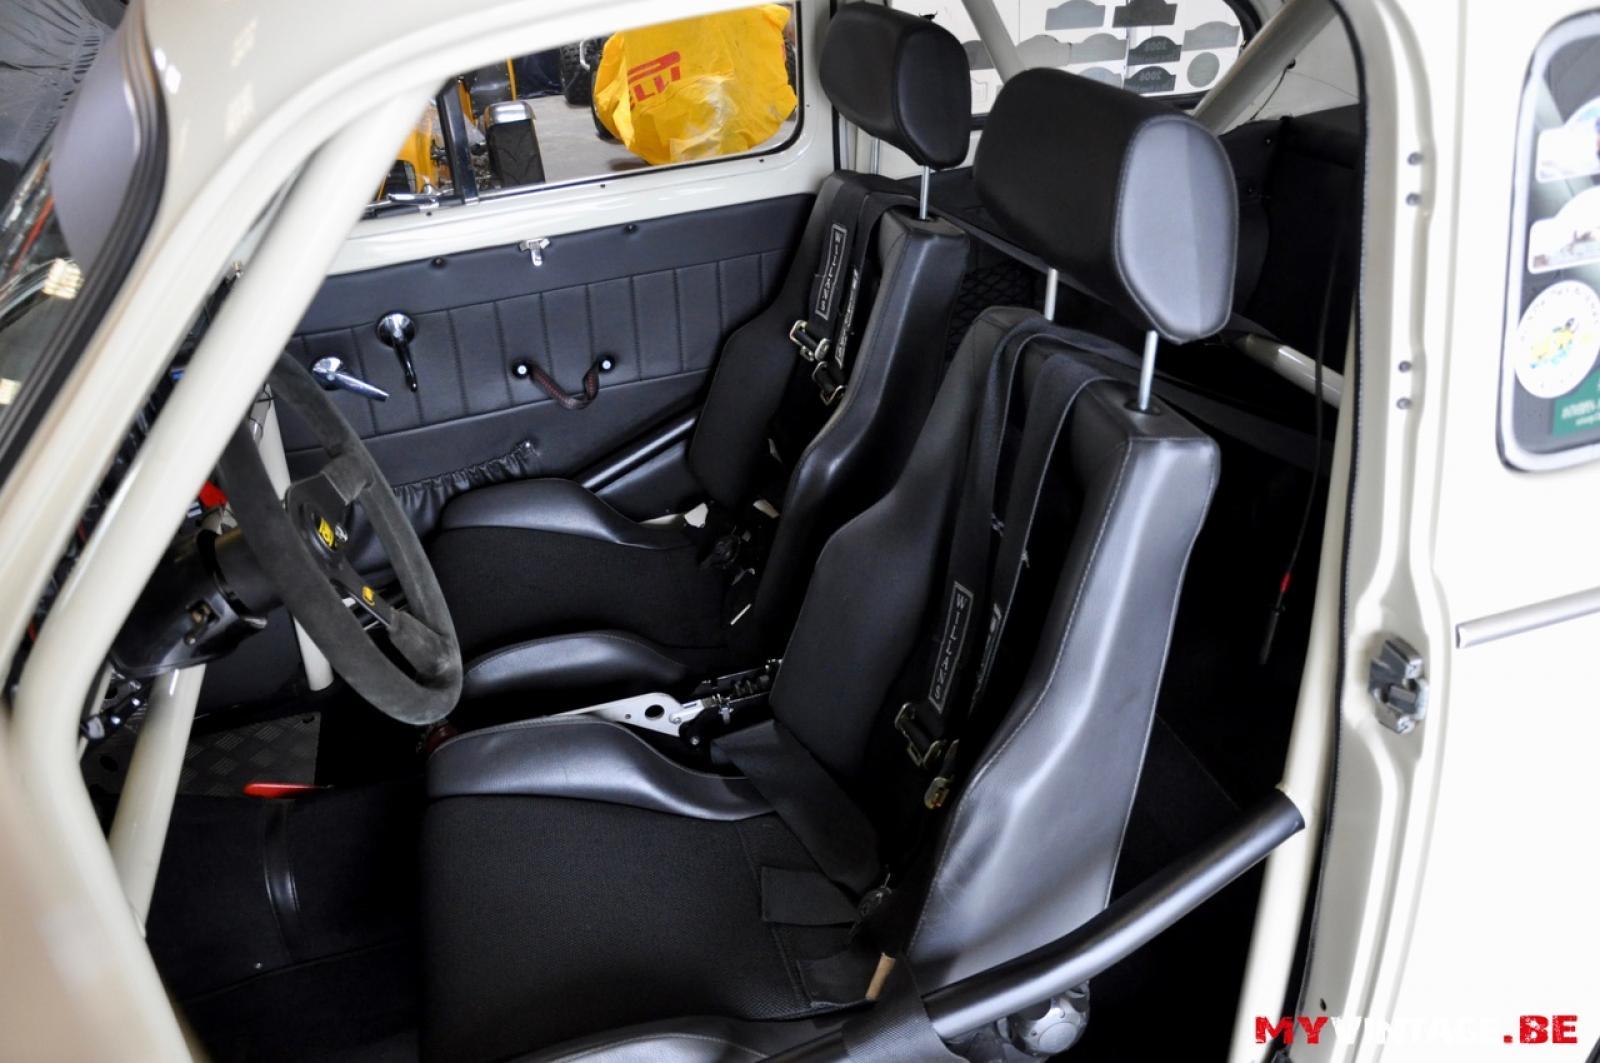 Volvo PV544 2100cc 145bhp - 9